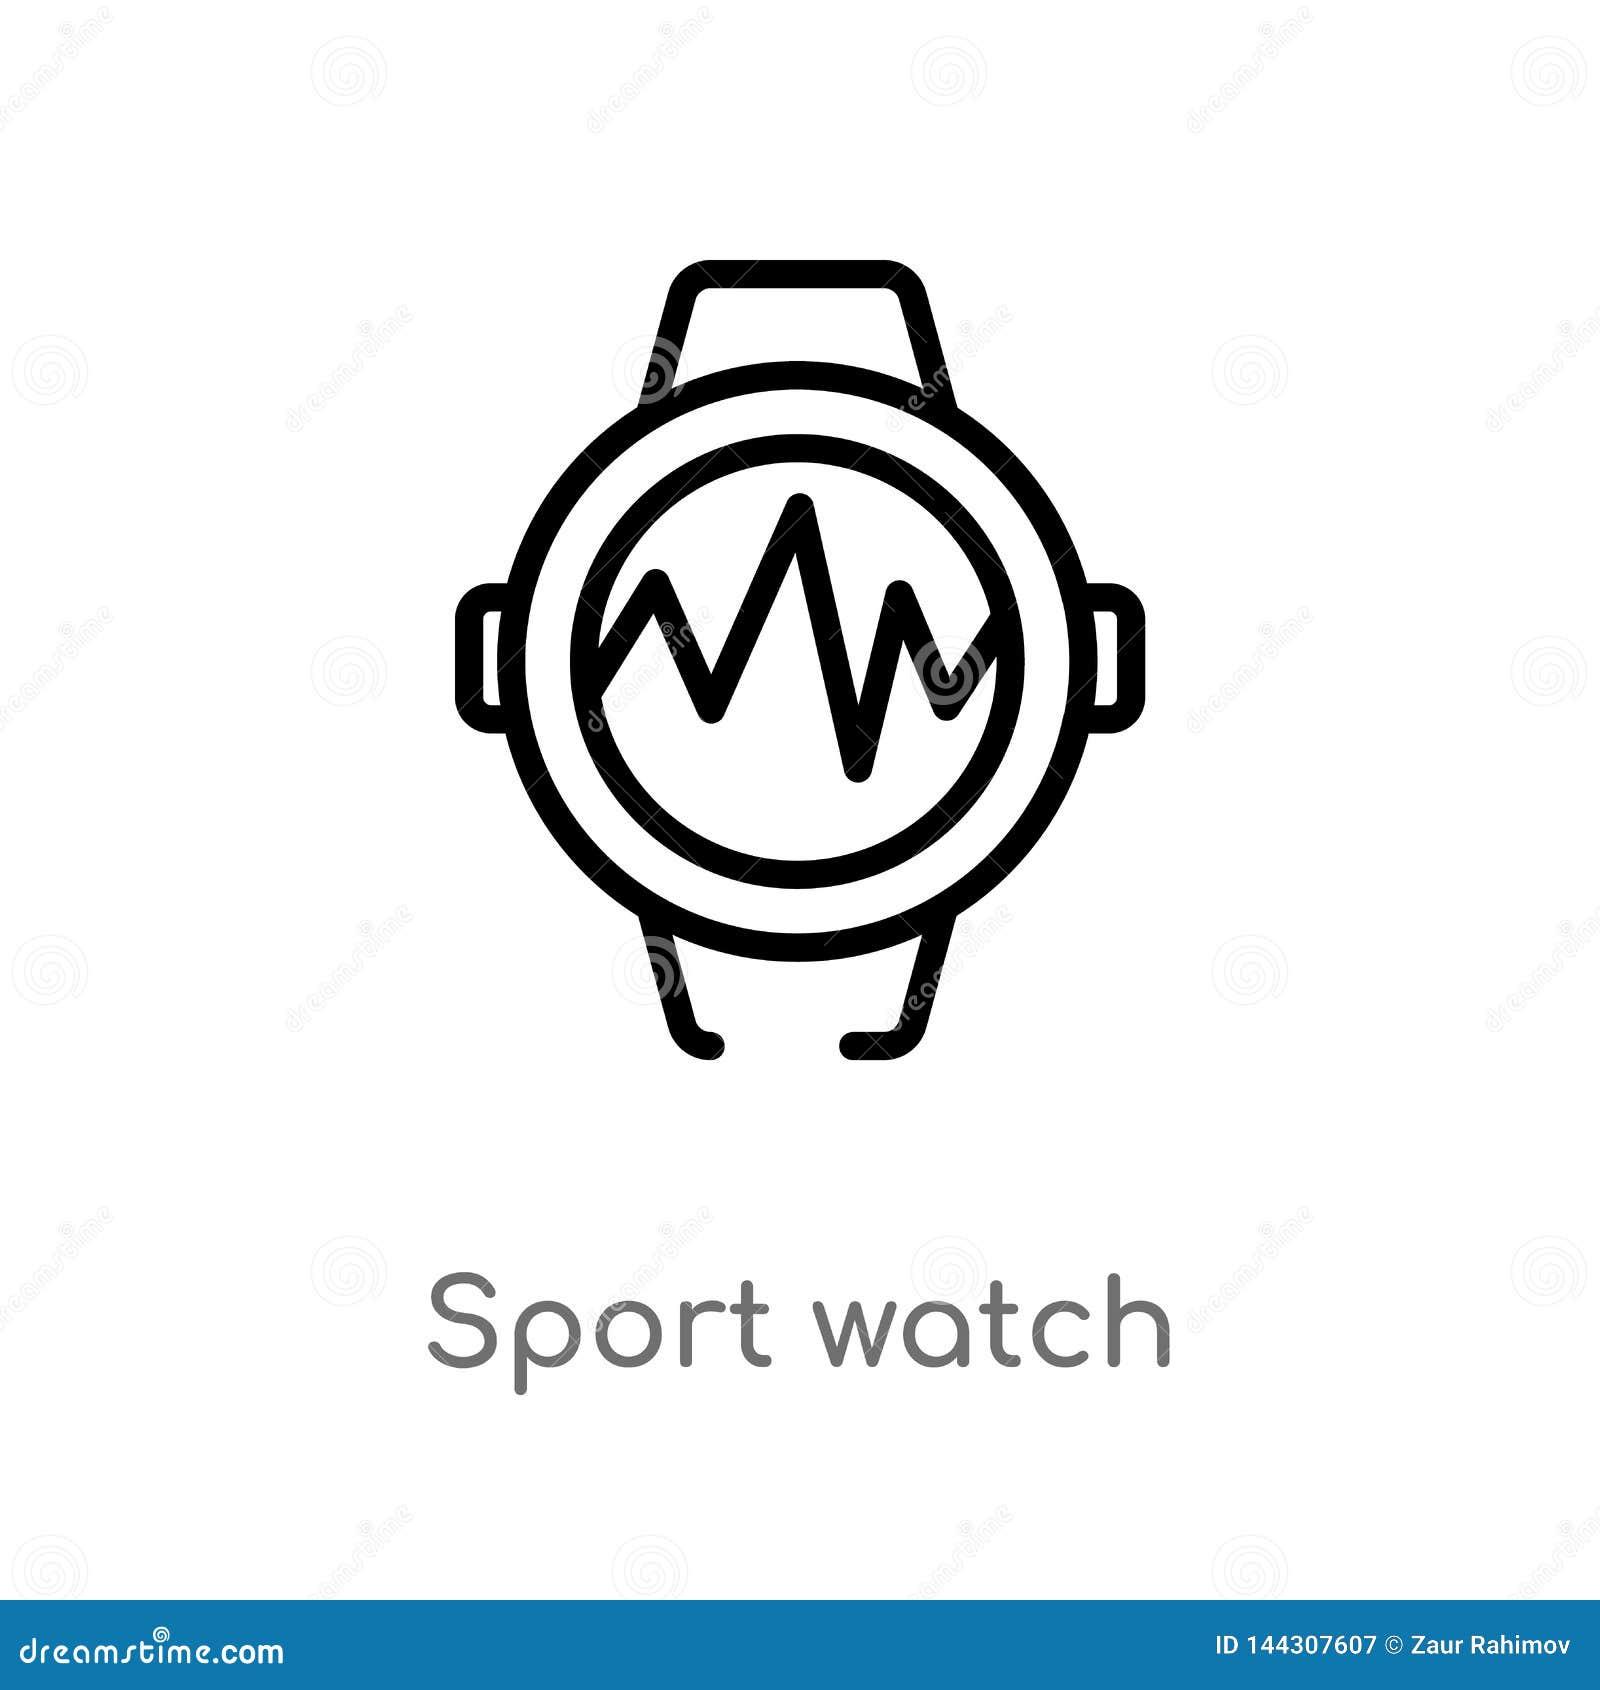 Konturu sporta zegarka wektoru ikona odosobniona czarna prosta kreskowego elementu ilustracja od gym i sprawno?ci fizycznej poj?c